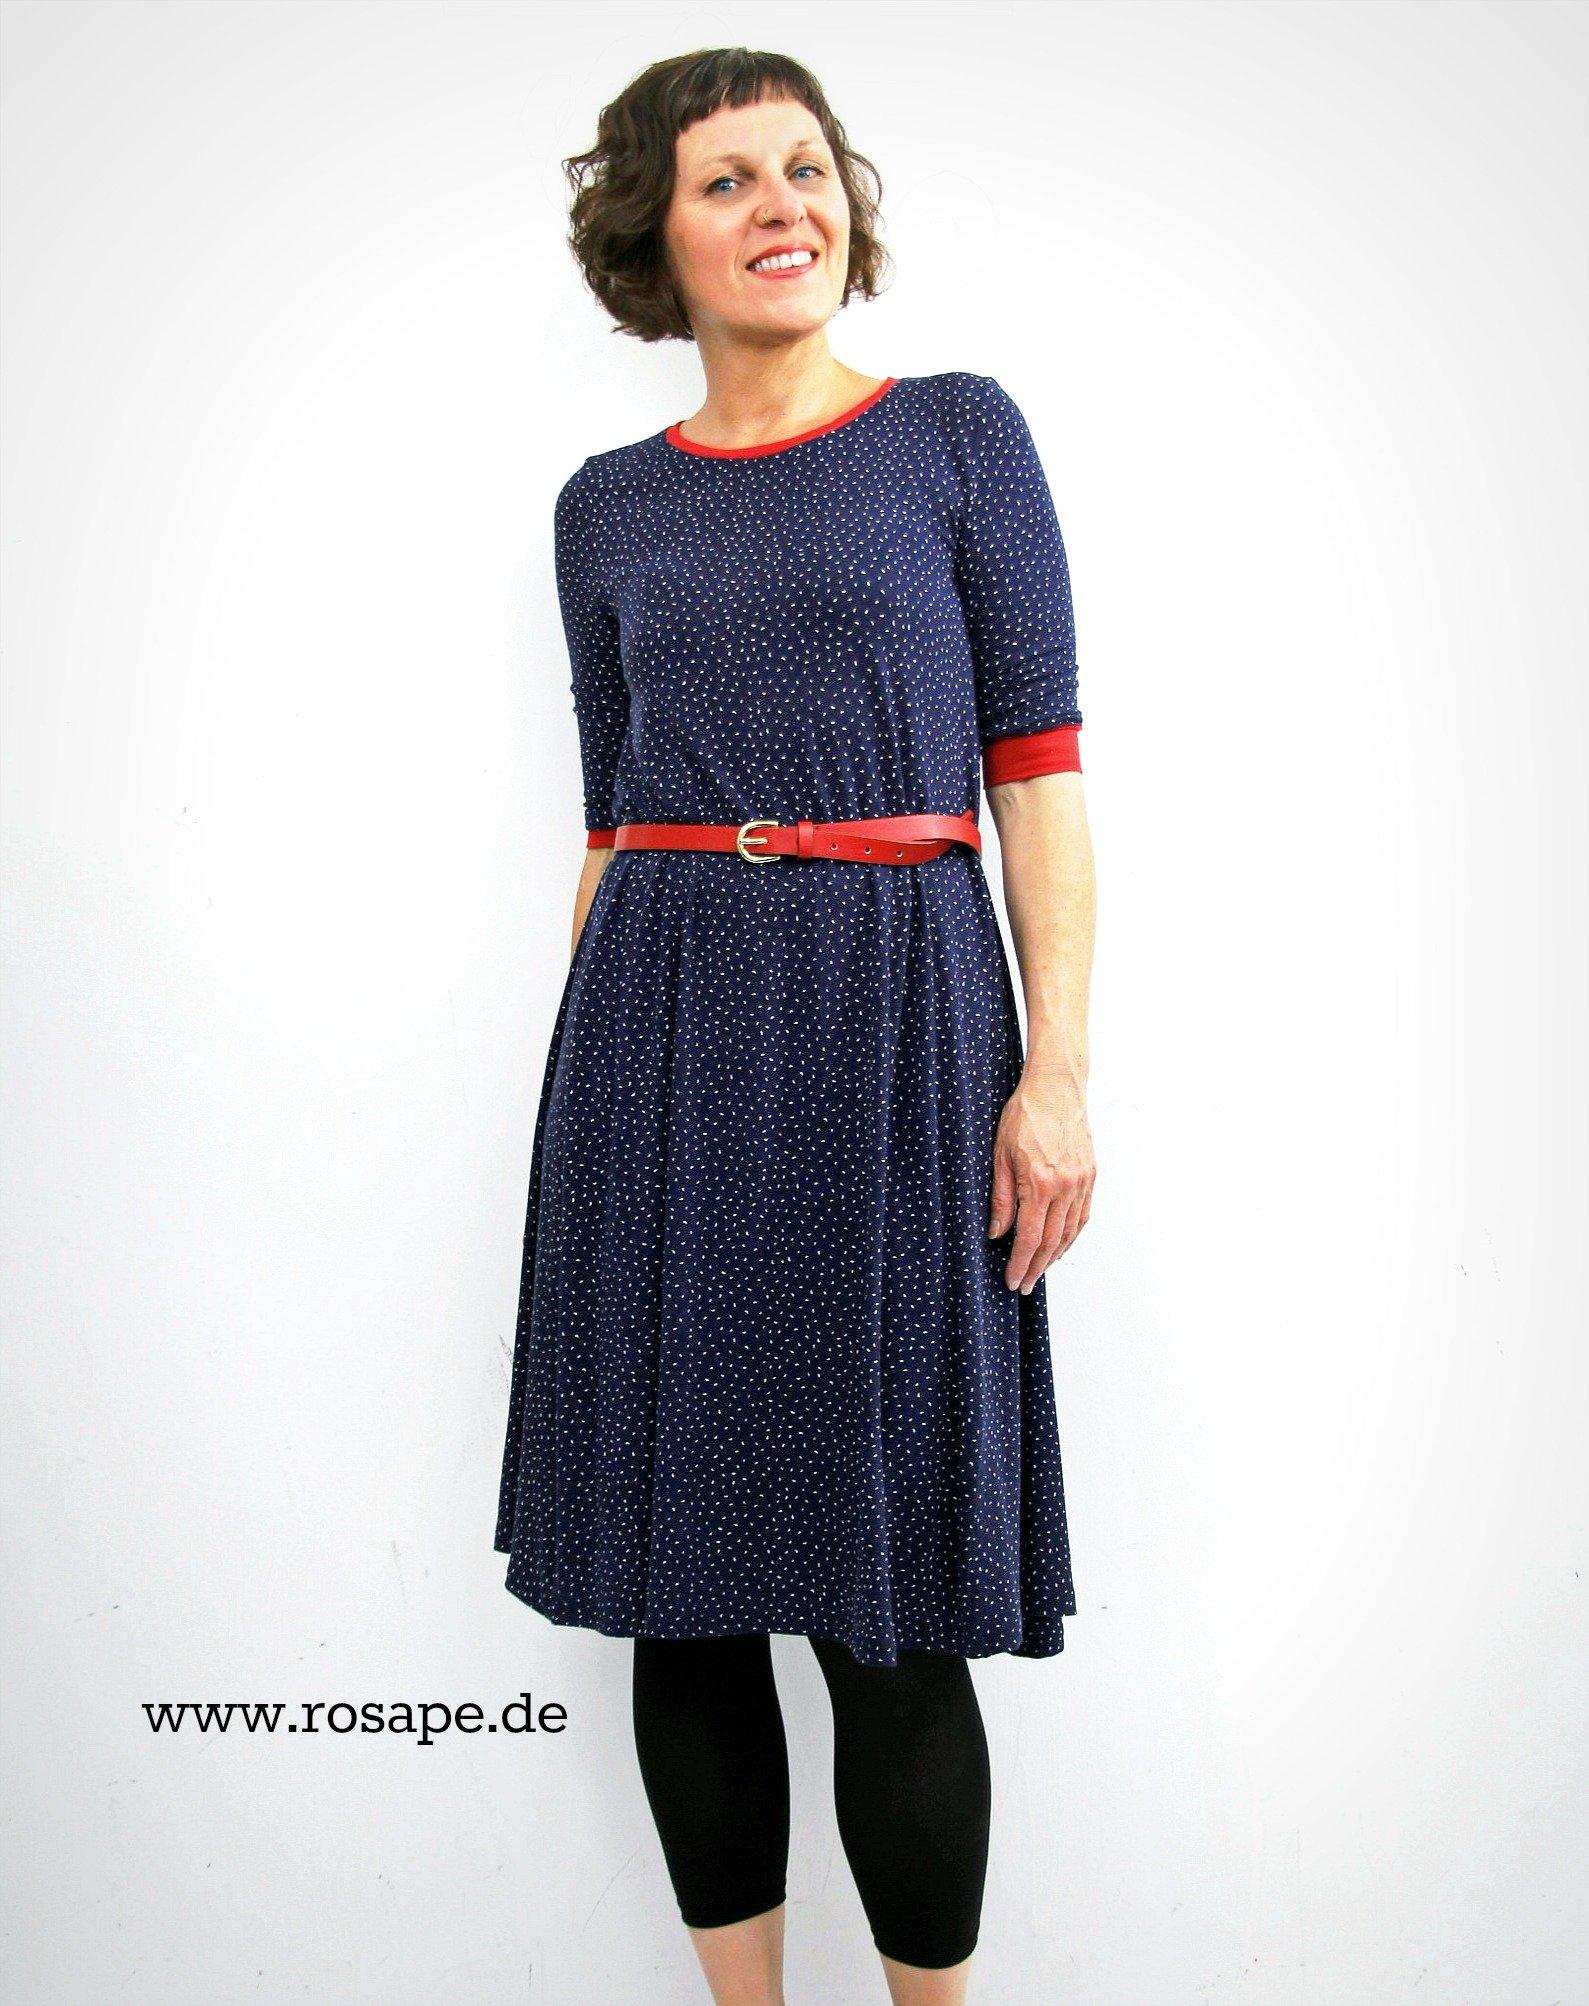 bf6e45e995ee94 Und wenn das Kleid dann noch so beschwingt und leicht ist, kann der Tag  kommen. Mit Regen oder Sonnenschein.